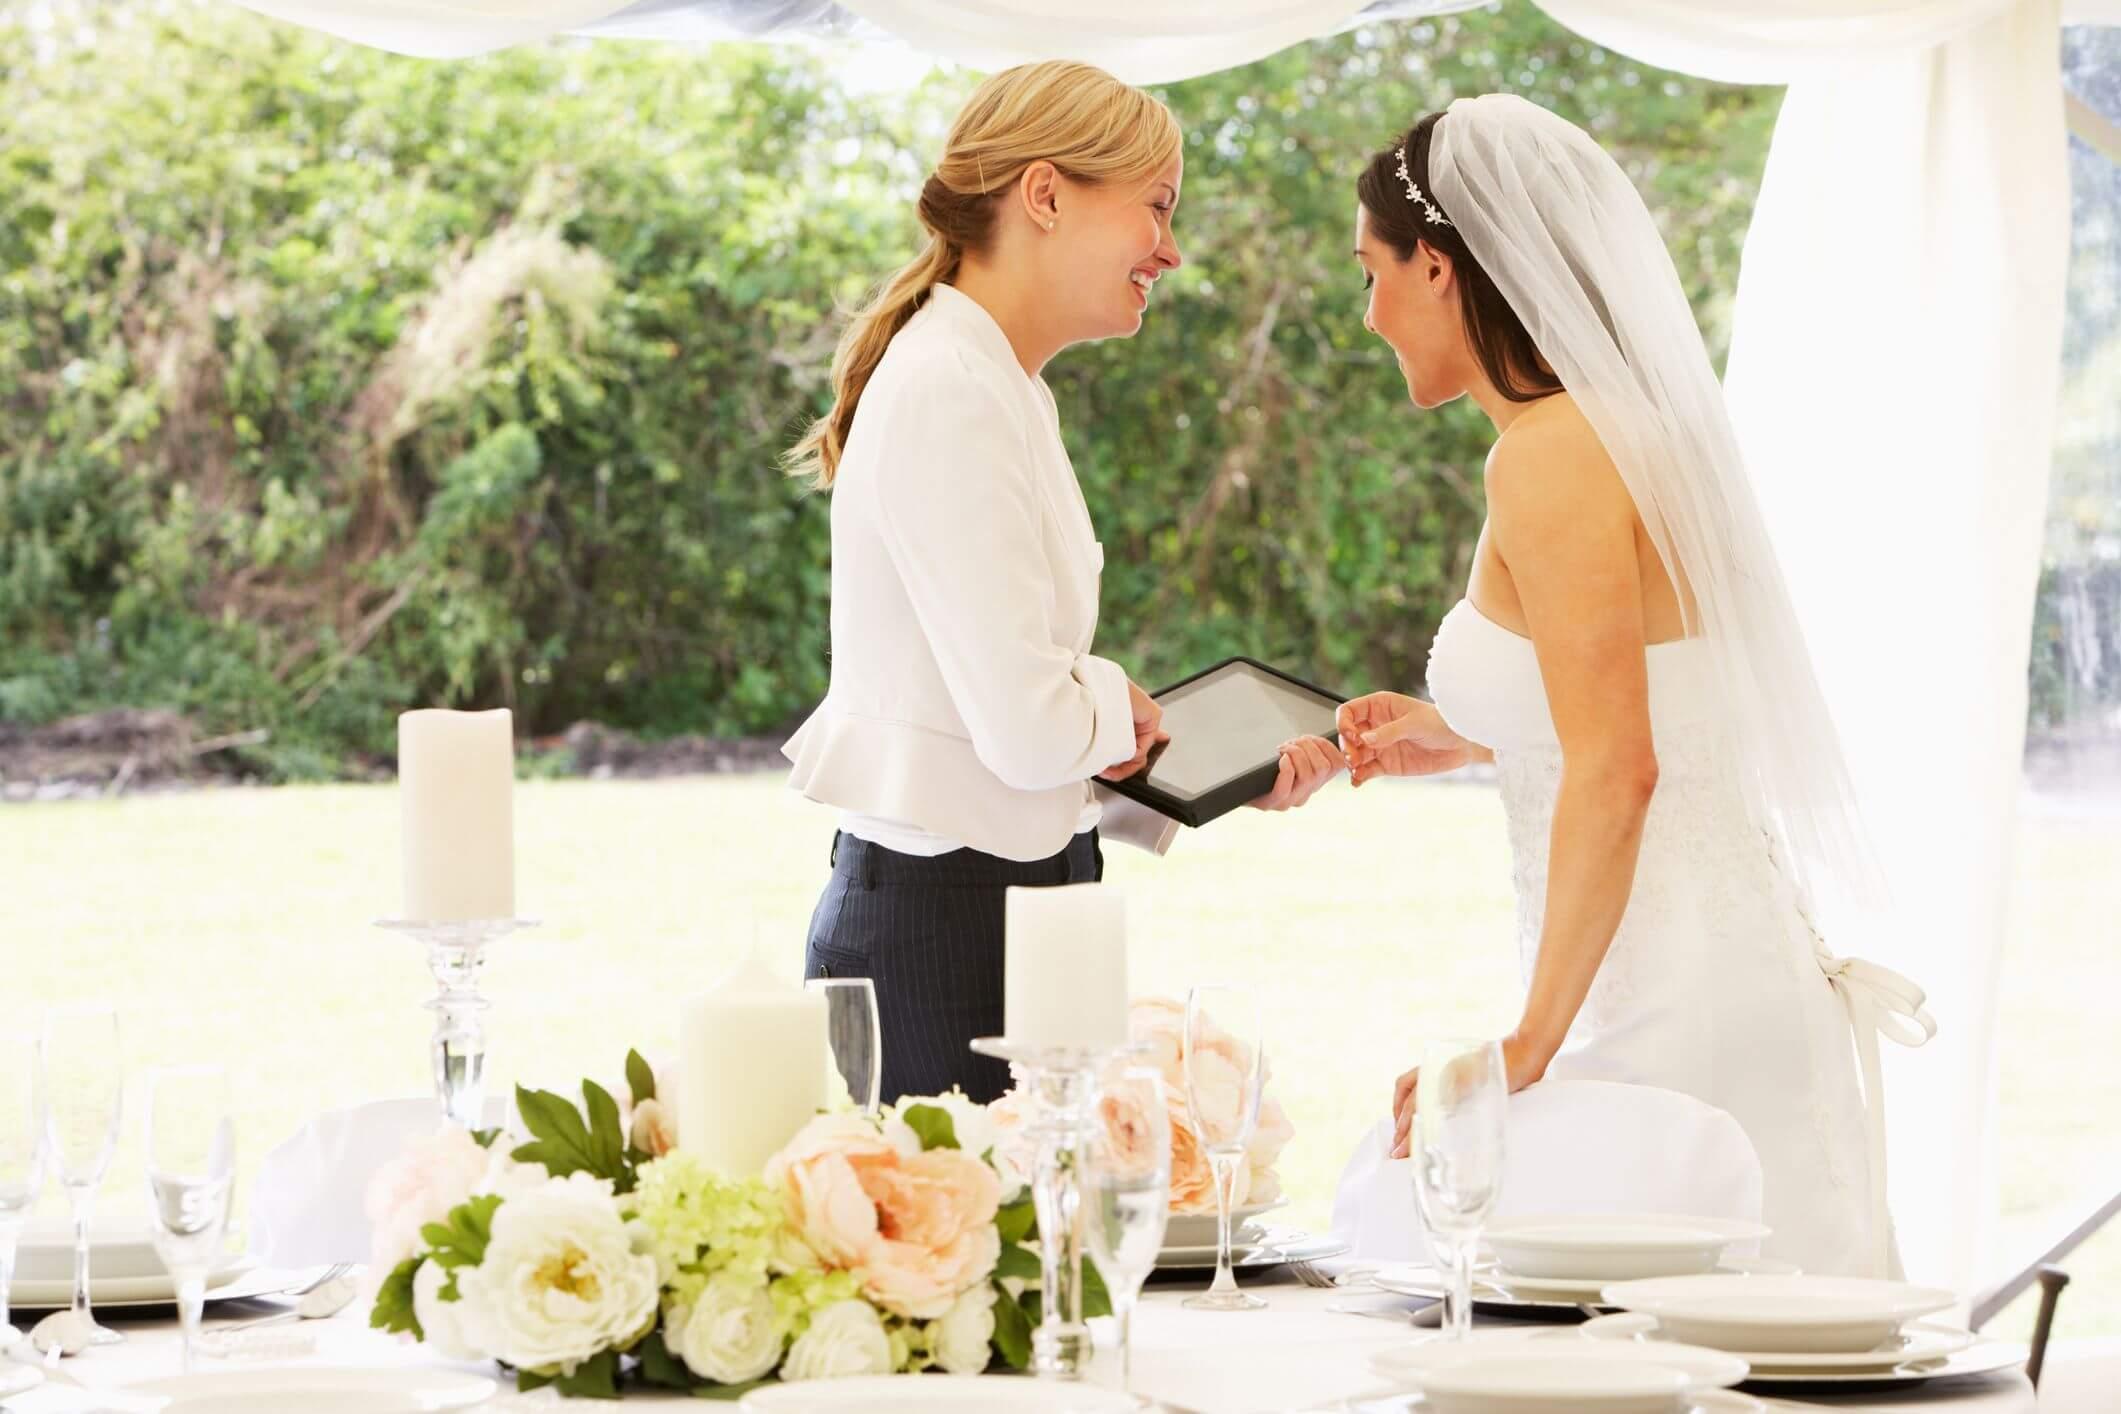 Komunikasi - 5 Prinsip Bisnis Wedding Organizer yang Perlu Kamu Ketahui